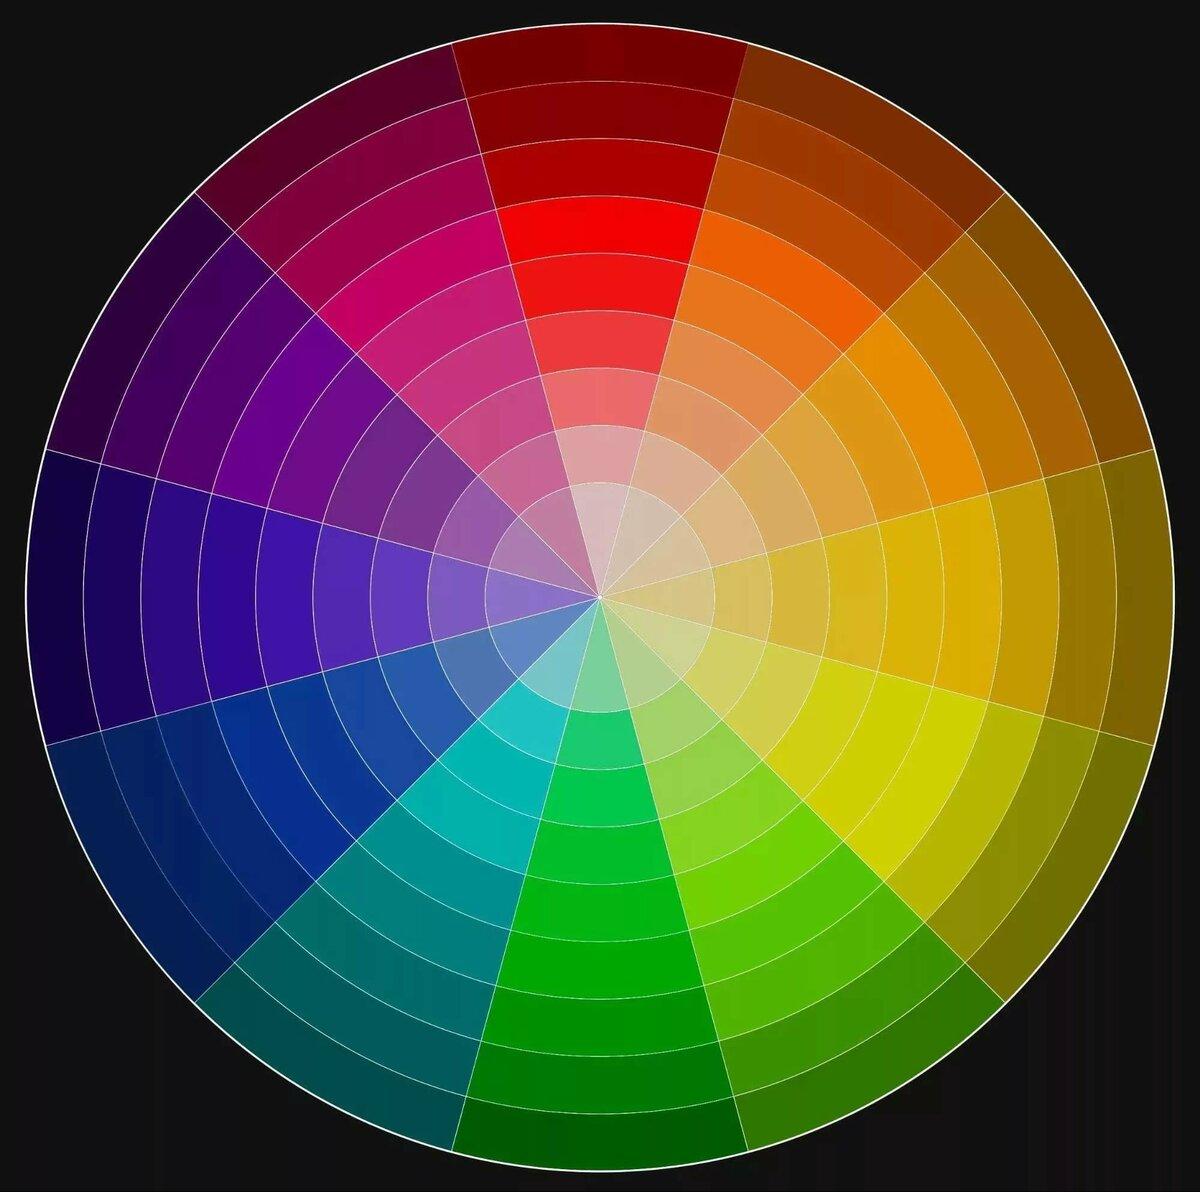 детали картинки спектра красок форм, цветов уровней